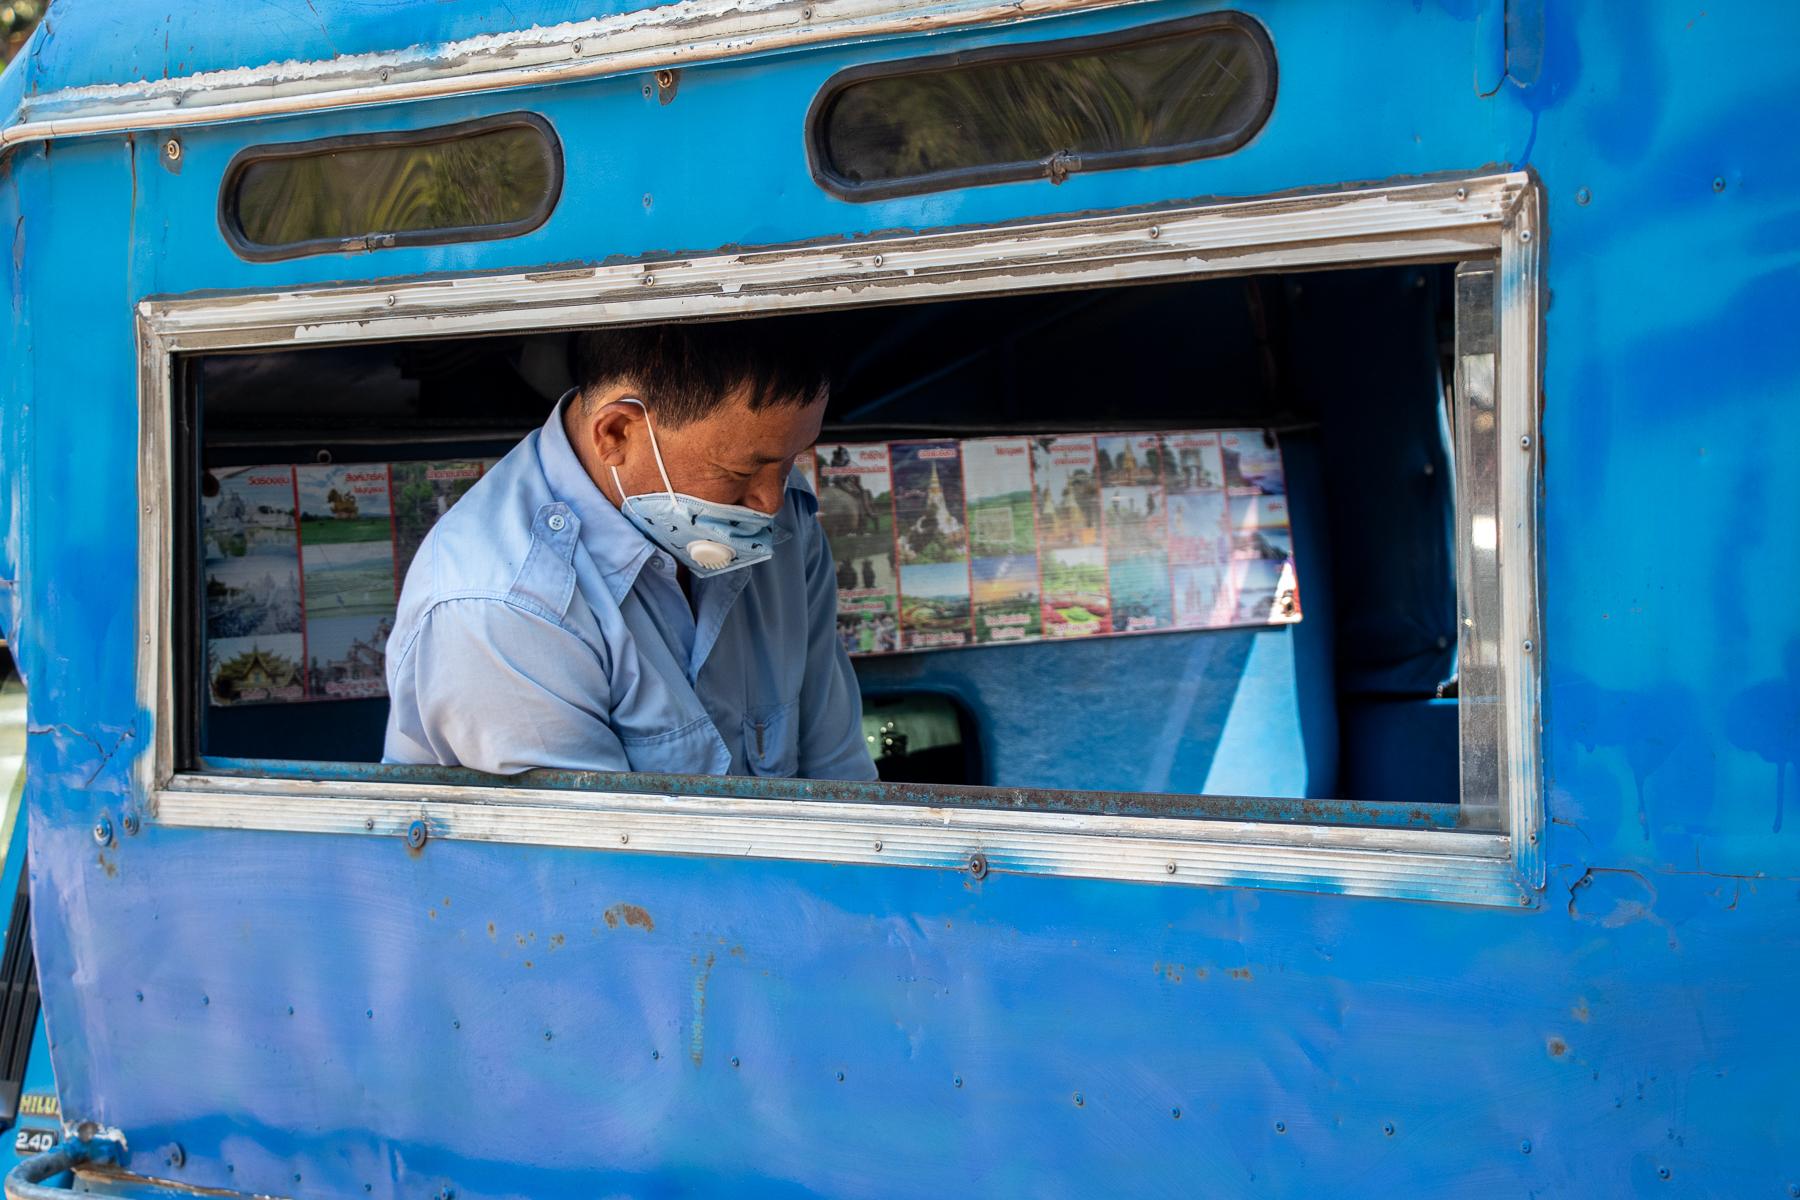 Schon seit Wochen versuchen sich Songthaew-Fahrer in Thailand mittels Masken vor dem Virus zu schützen.